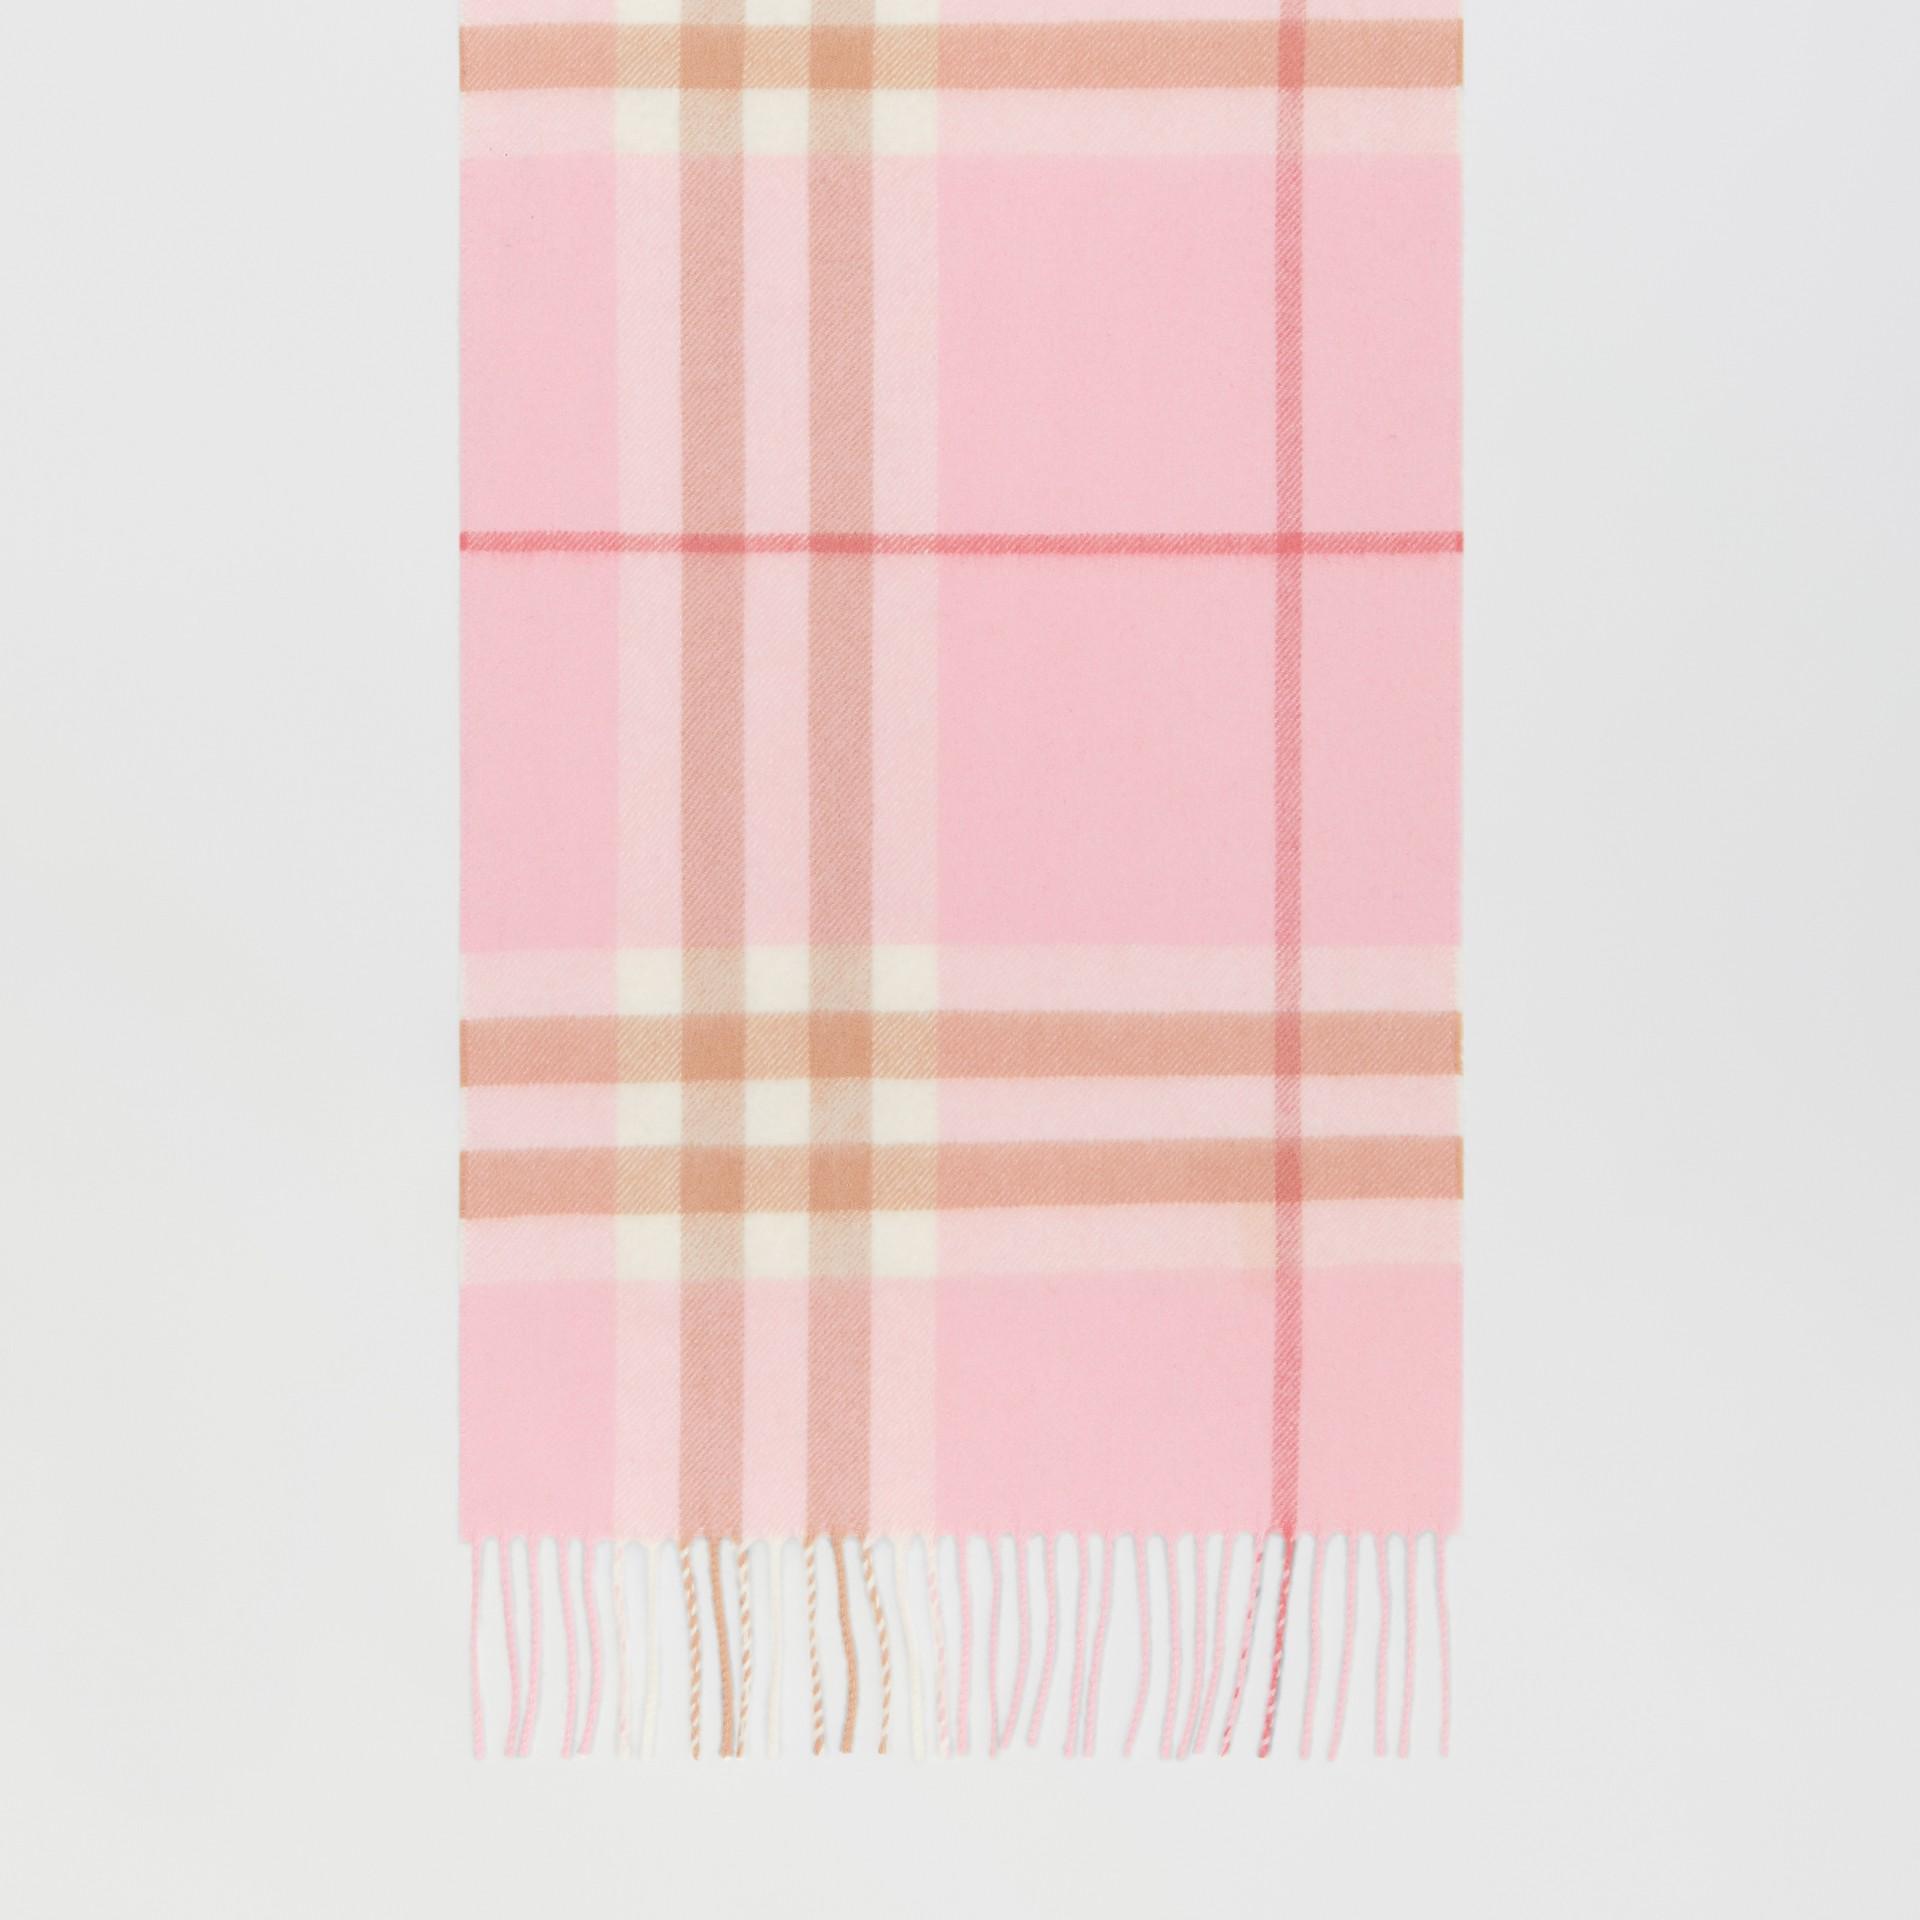 經典格紋喀什米爾圍巾 (糖果粉紅) | Burberry - 圖庫照片 4